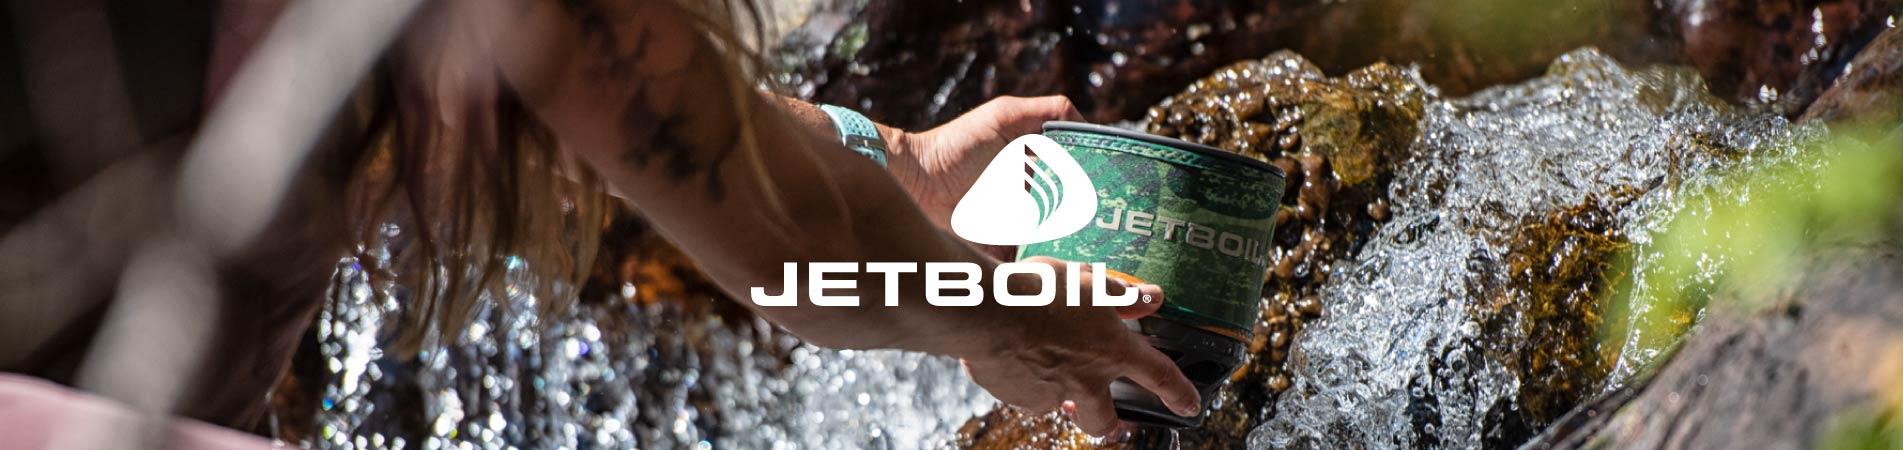 jetboil-brand-banner-v1r0.jpg